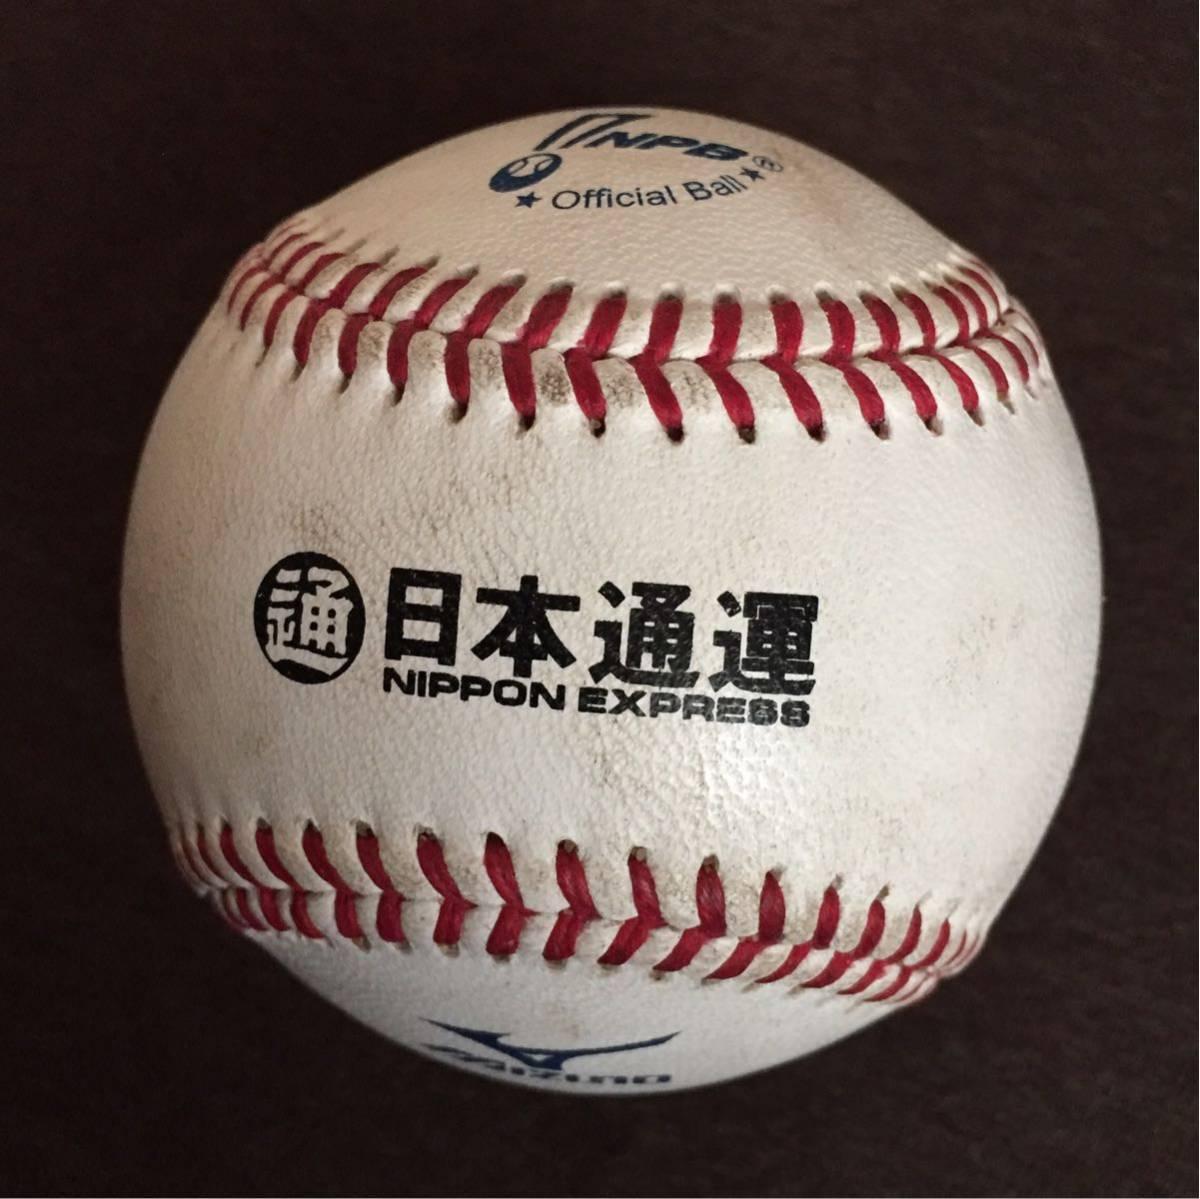 2016年クライマックスシリーズ 実使用球